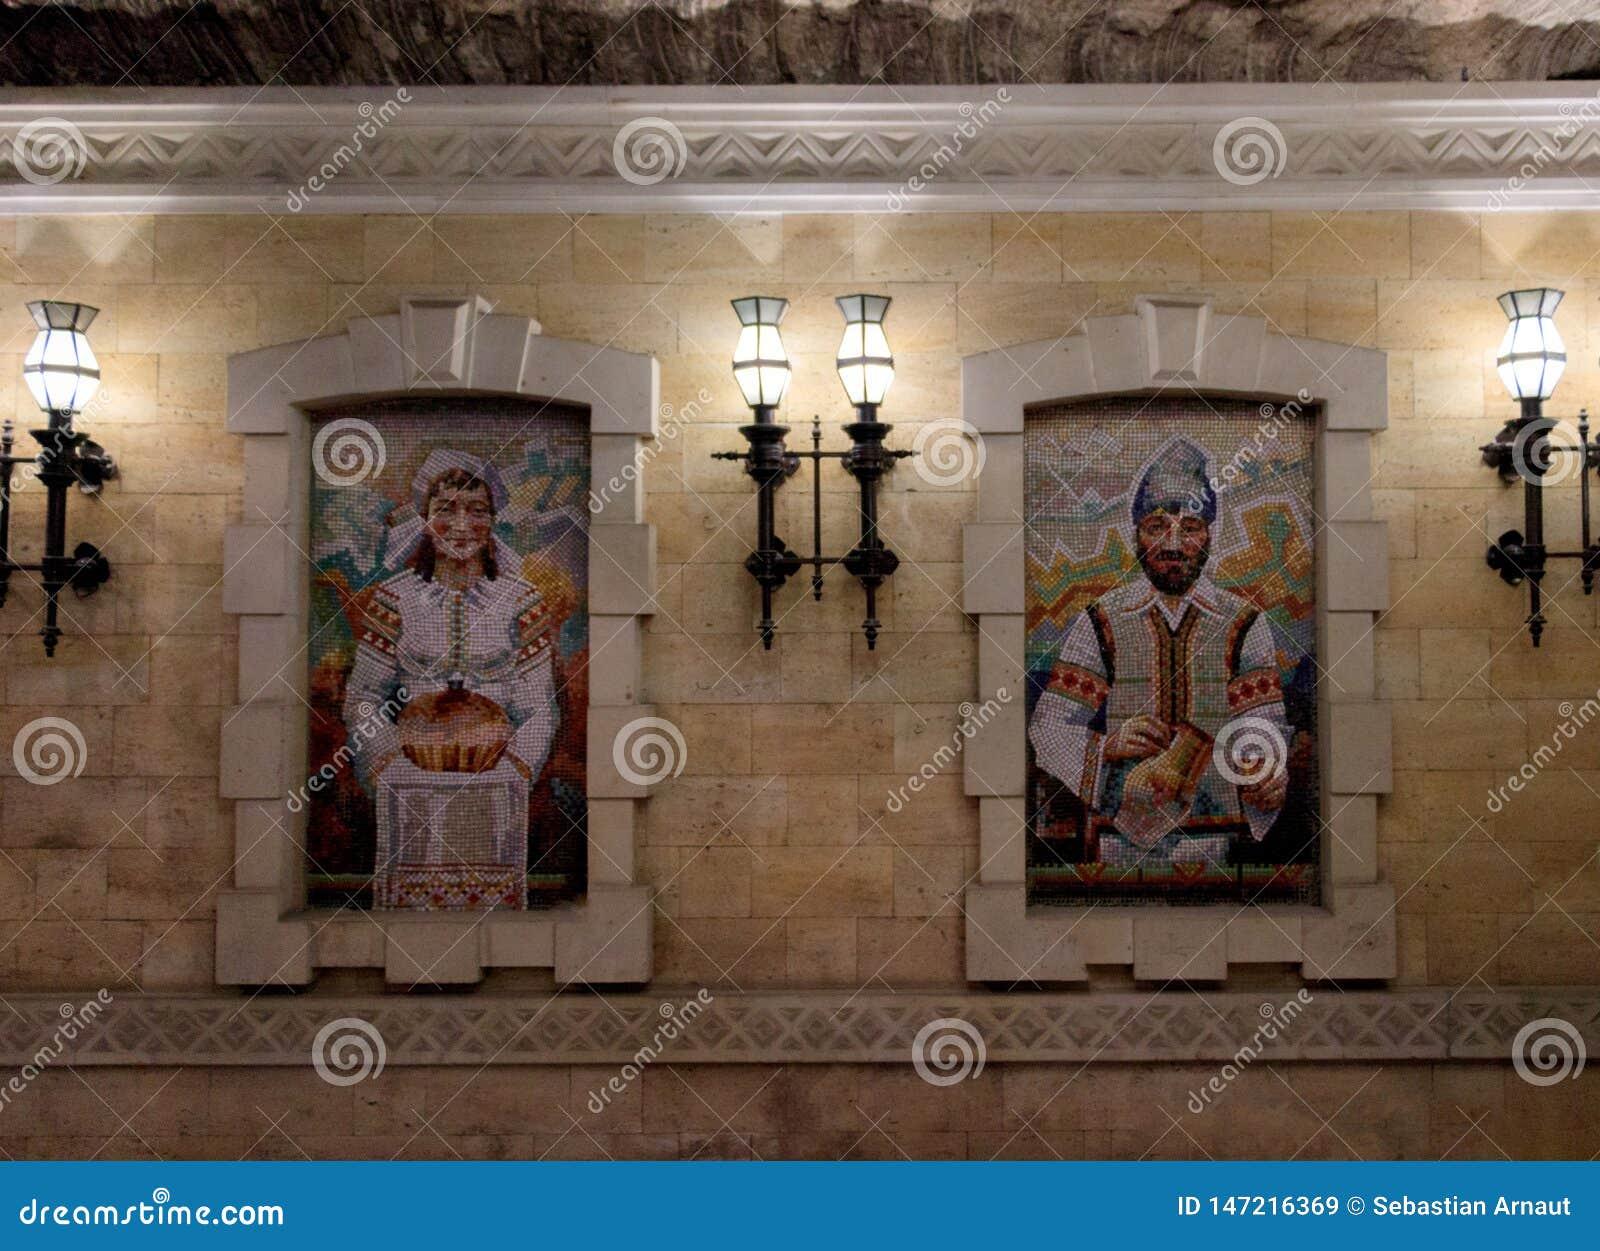 Pintura do mosaico de um homem e de uma mulher vestidos em trajes moldavos tradicionais